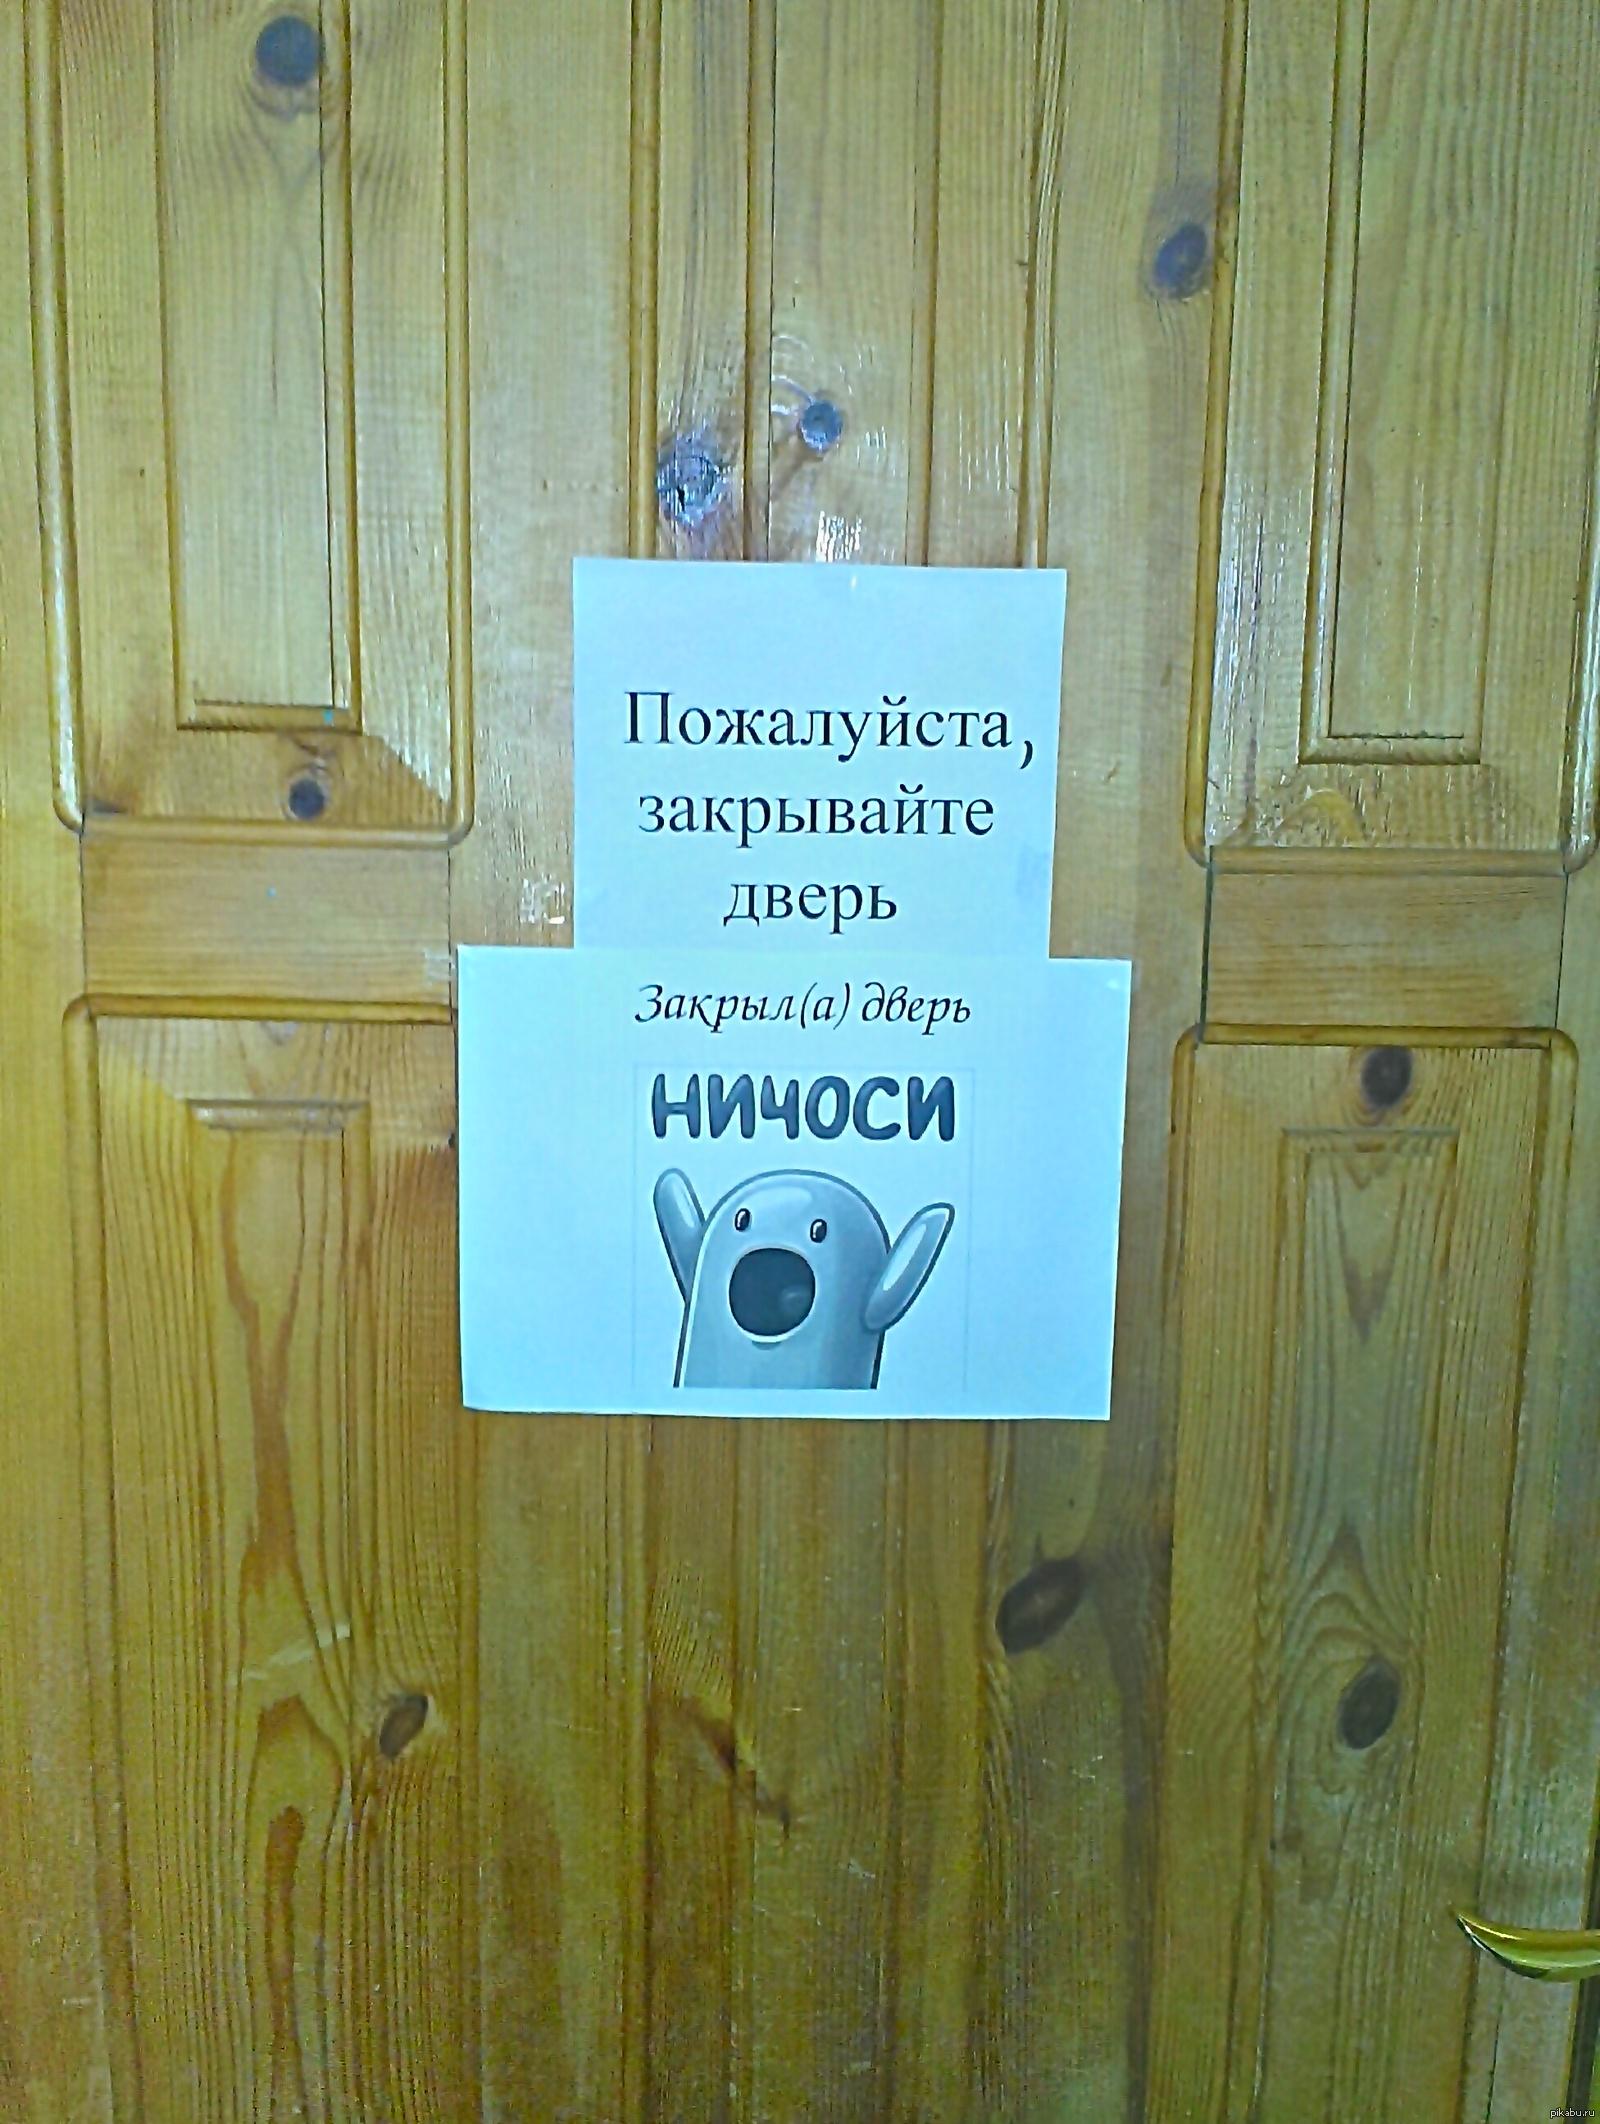 Объявление закрывайте дверь картинка